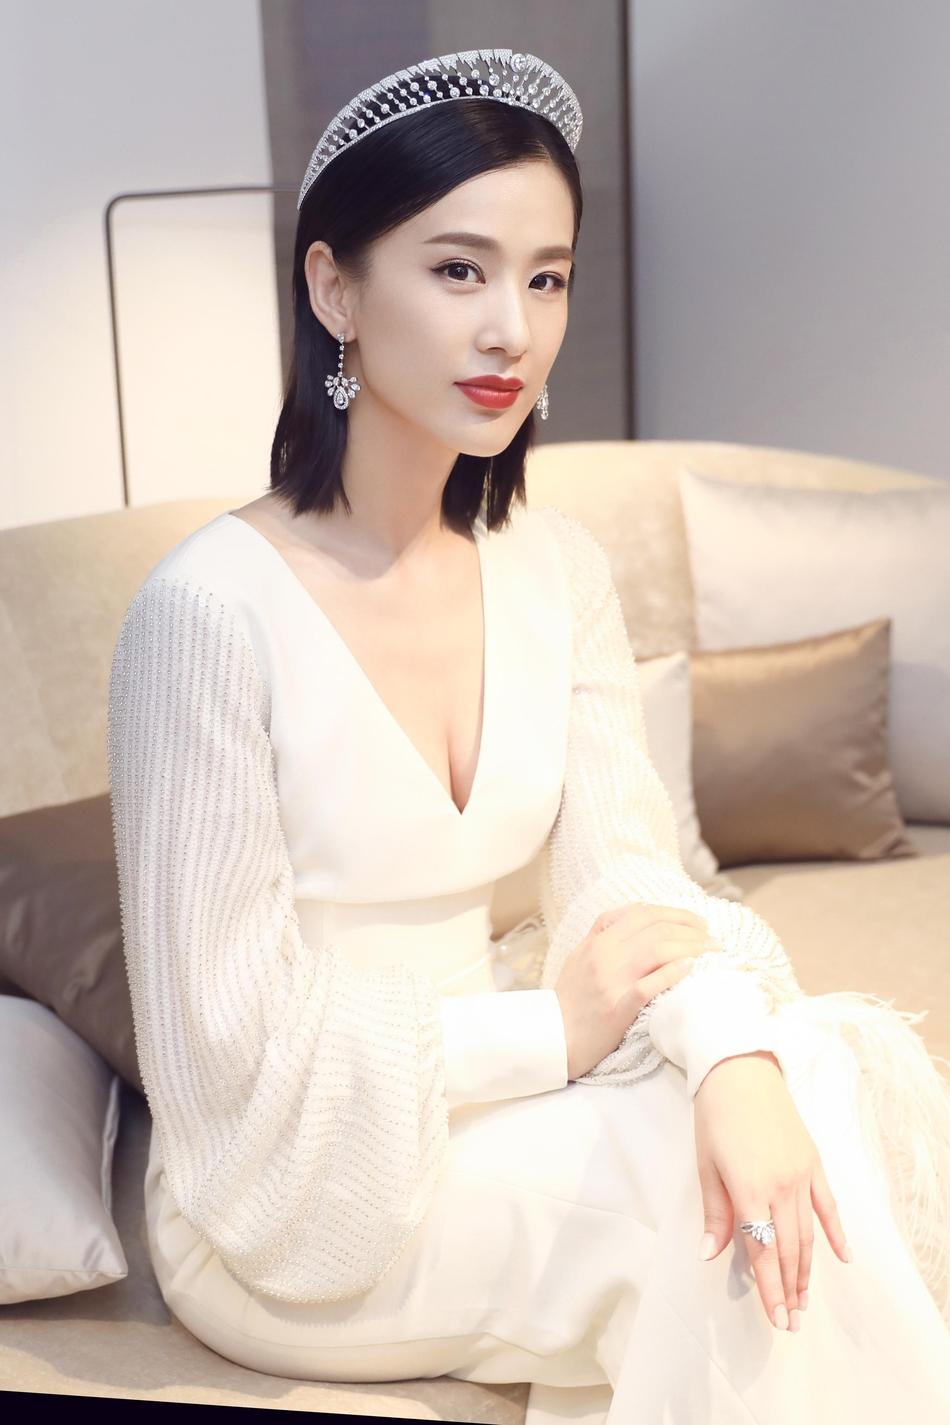 黄圣依穿深V白裙露性感美背 端庄大方气质佳